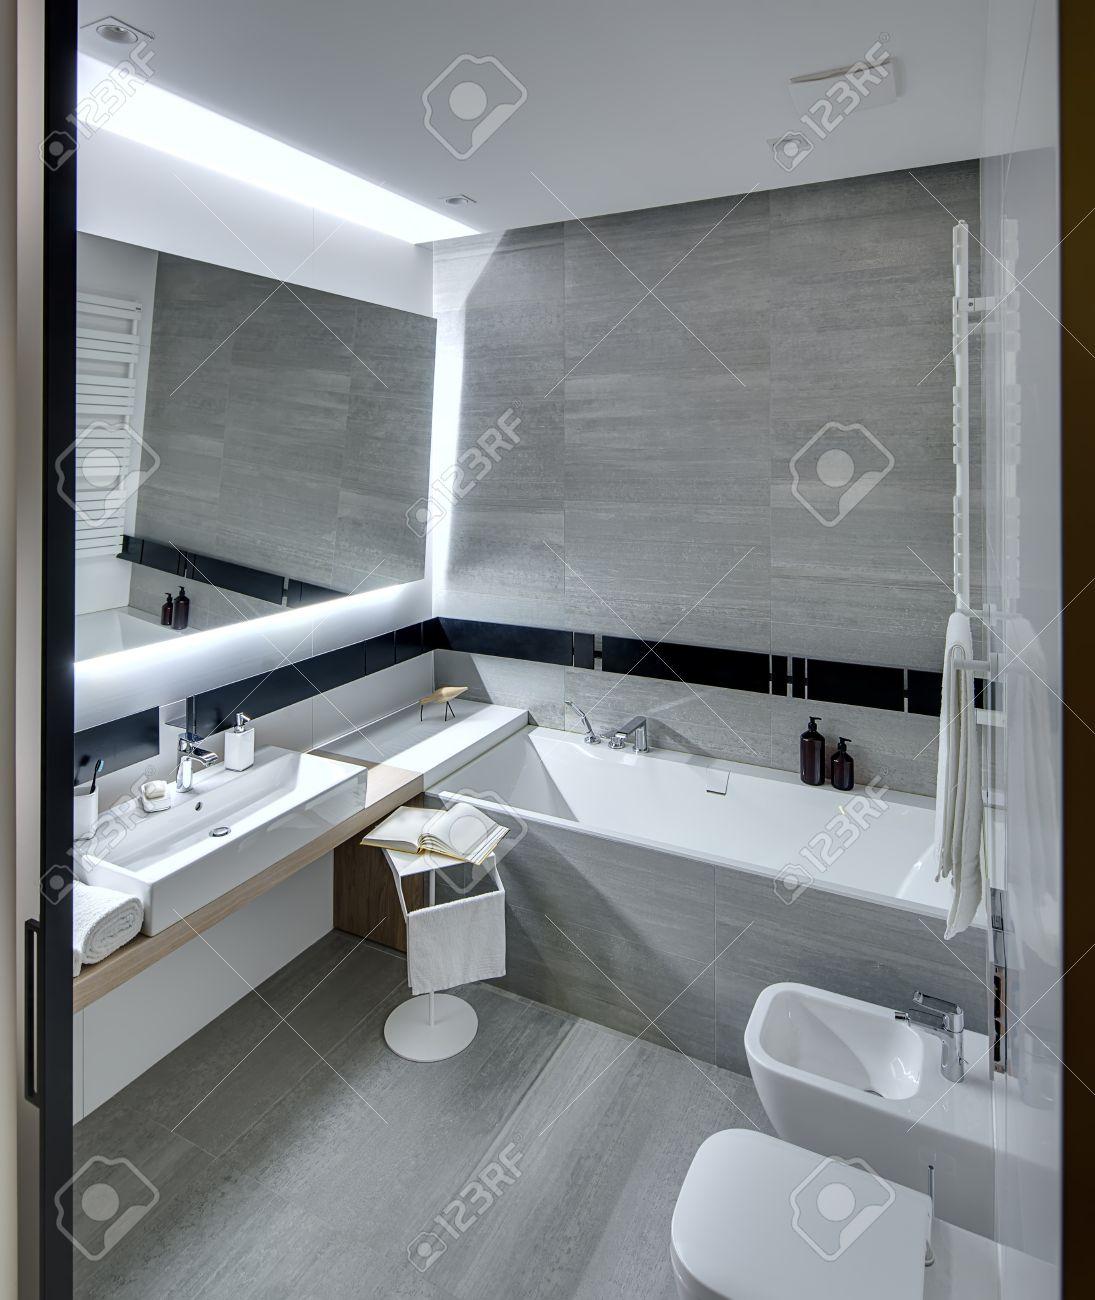 Bad In Einem Modernen Stil Mit Den Weißen Und Grauen Fliesen ...